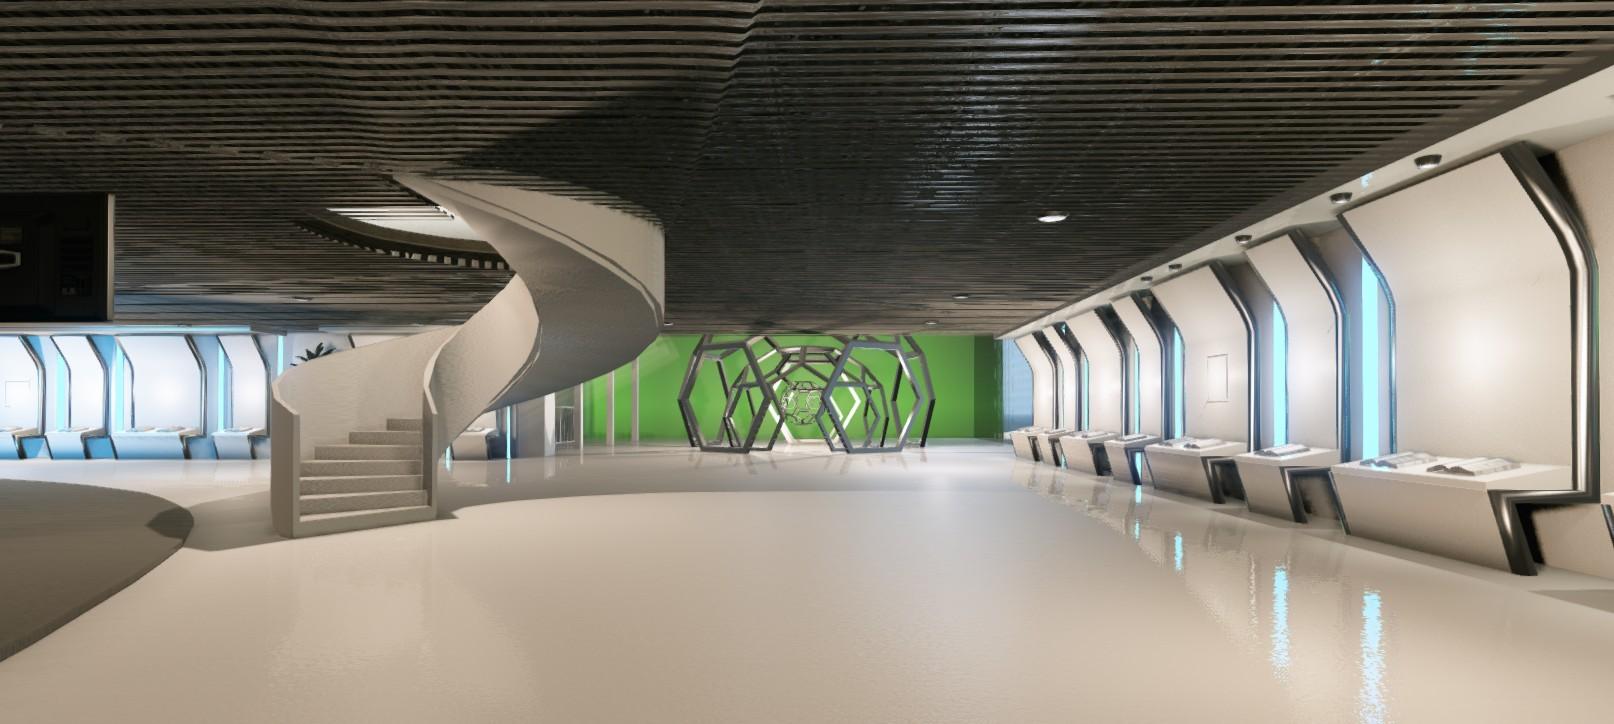 效果图 会展中心中央展厅设计方案效果图 案例